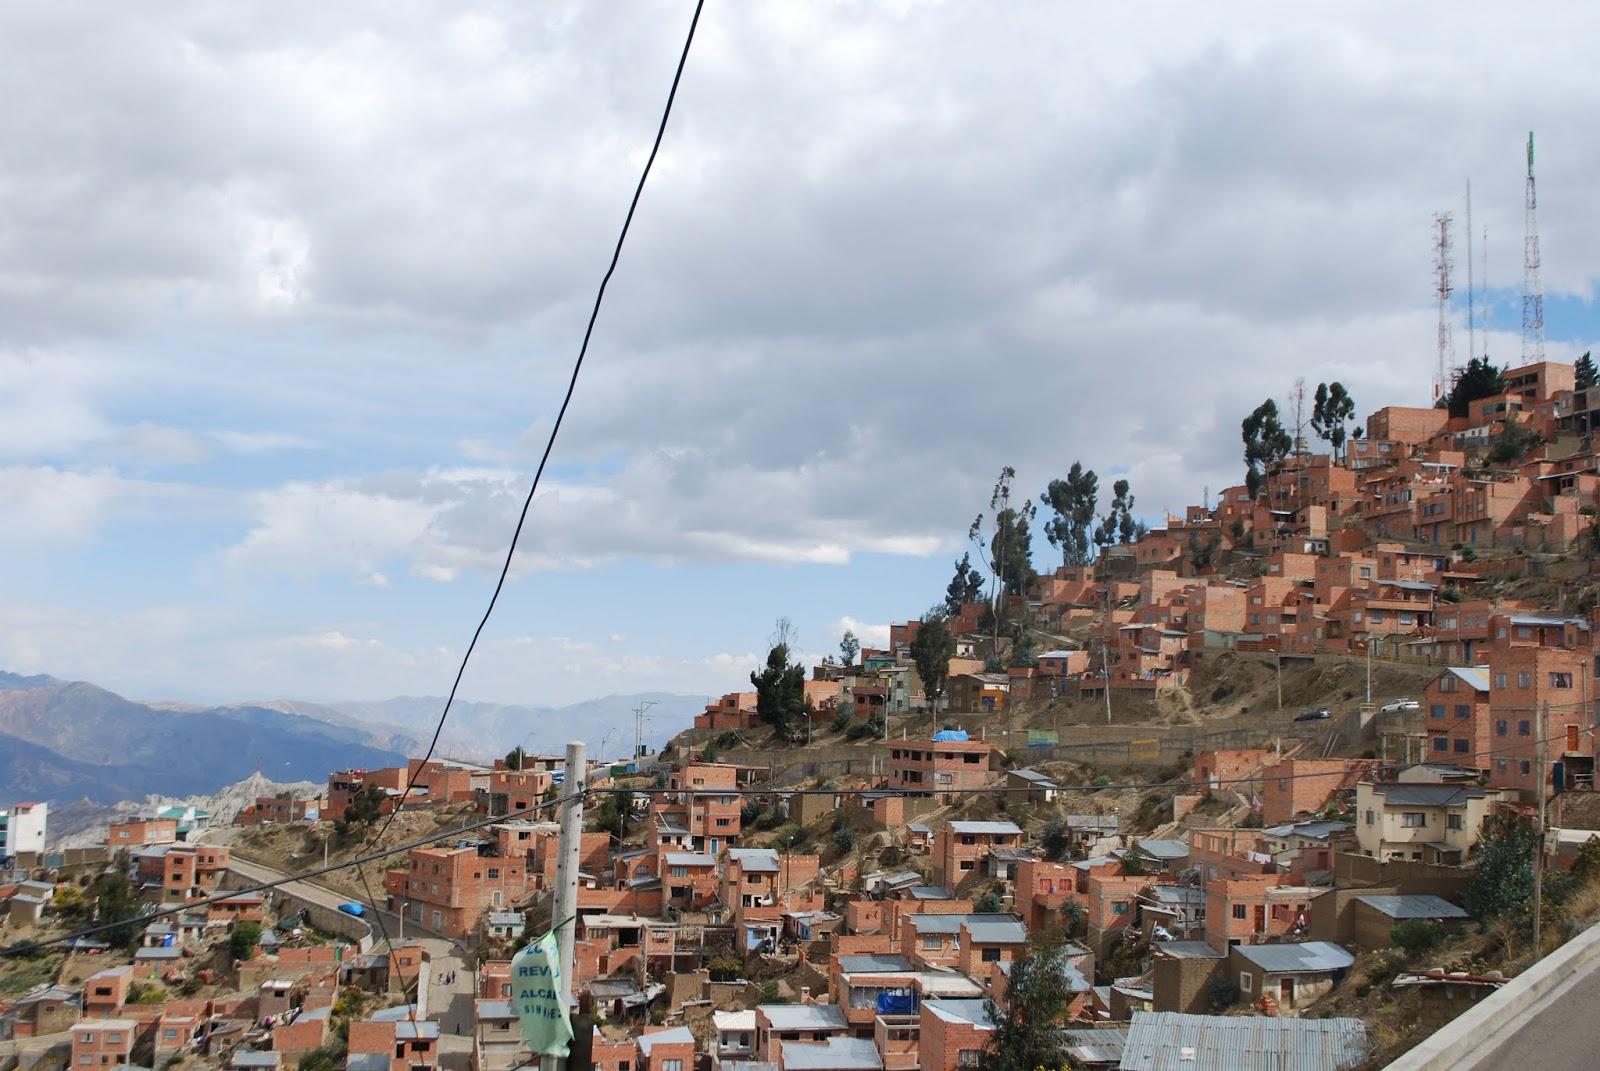 La mujer tenía problemas nerviosos, no se conoce a familiares suyos en Llojeta / ARCHIVO CONCEJO